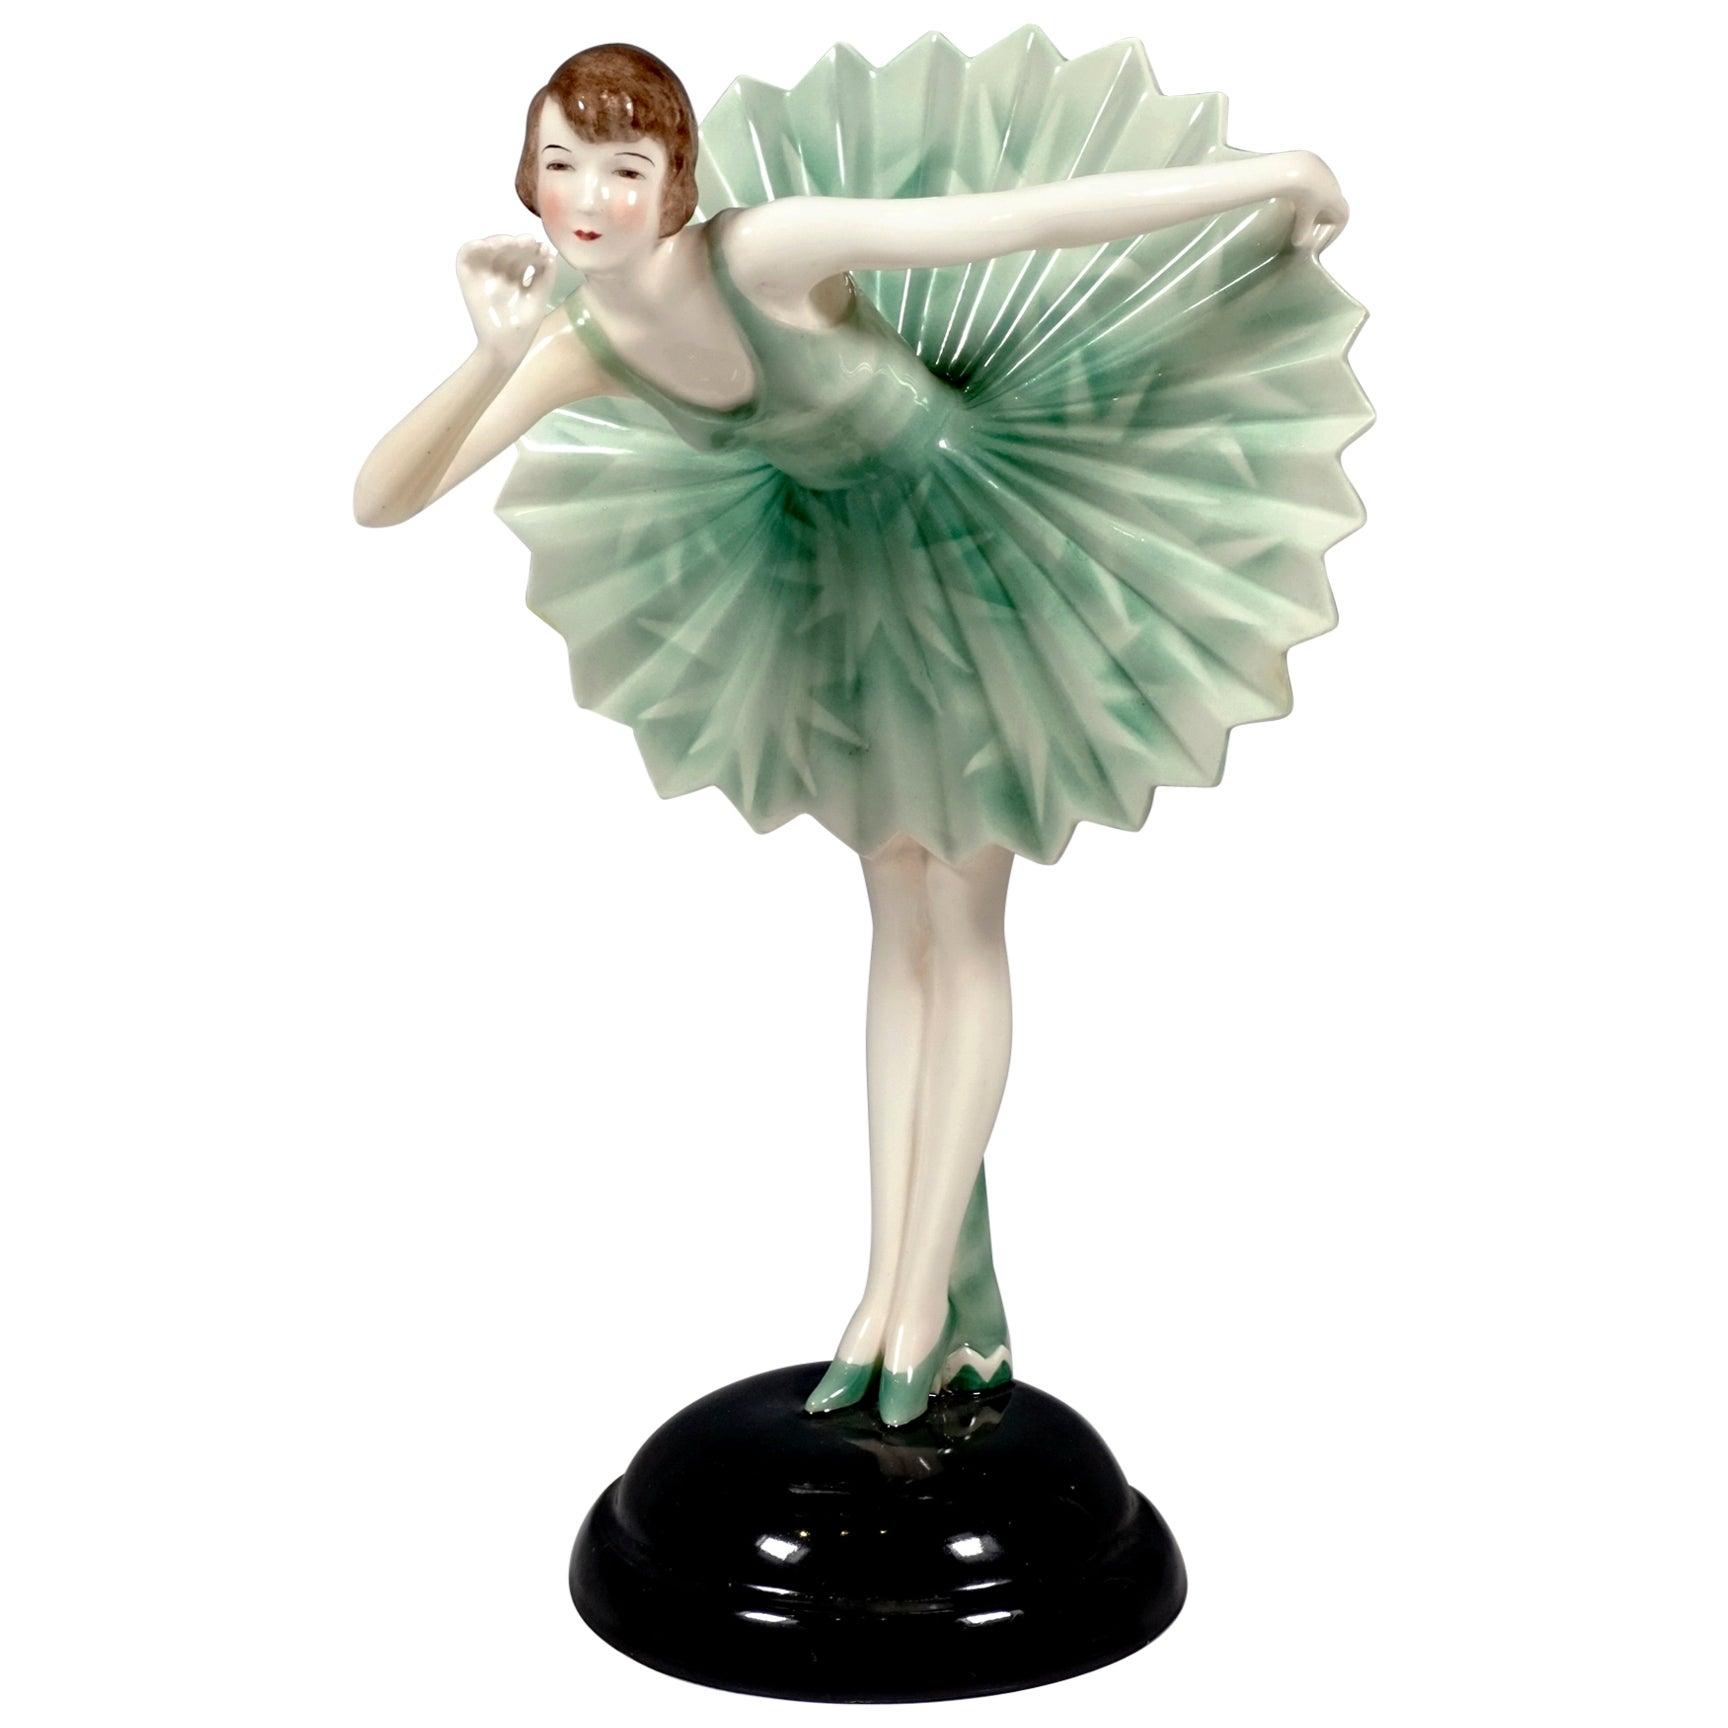 Goldscheider Vienna 'Viennese Waltz' Dancer in Star Costume, Stephan Dakon, 1930